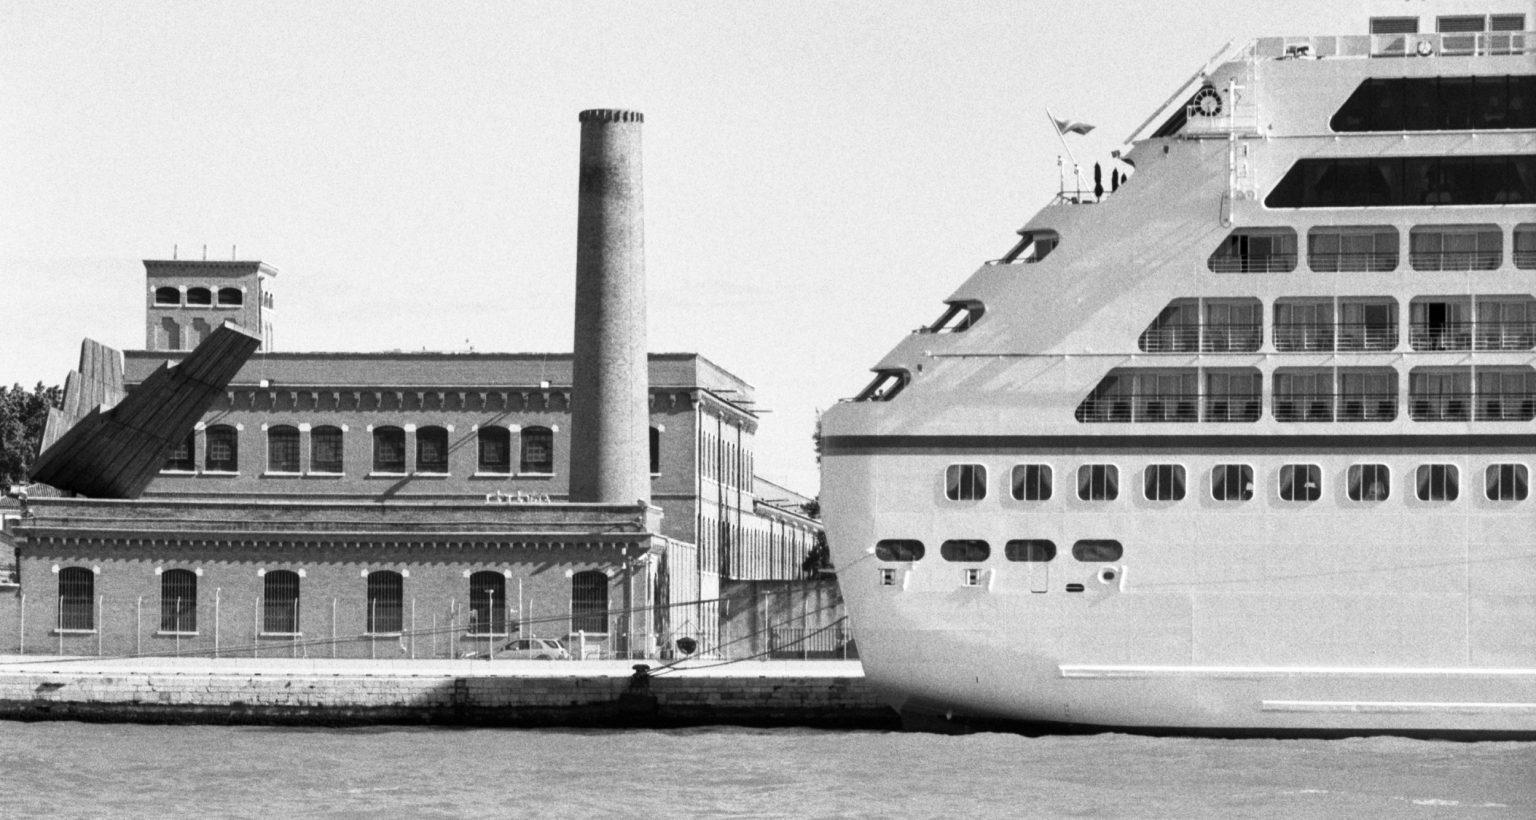 """Venice, April 2013 - Big cruise liners invade the city ><  Venezia, aprile 2013 - Le grandi navi da crociera invadono la città <p><span style=""""color: #ff0000""""><strong>*** SPECIAL   FEE   APPLIES ***</strong></span></p>*** SPECIAL   FEE   APPLIES *** *** Local Caption *** 00473485"""